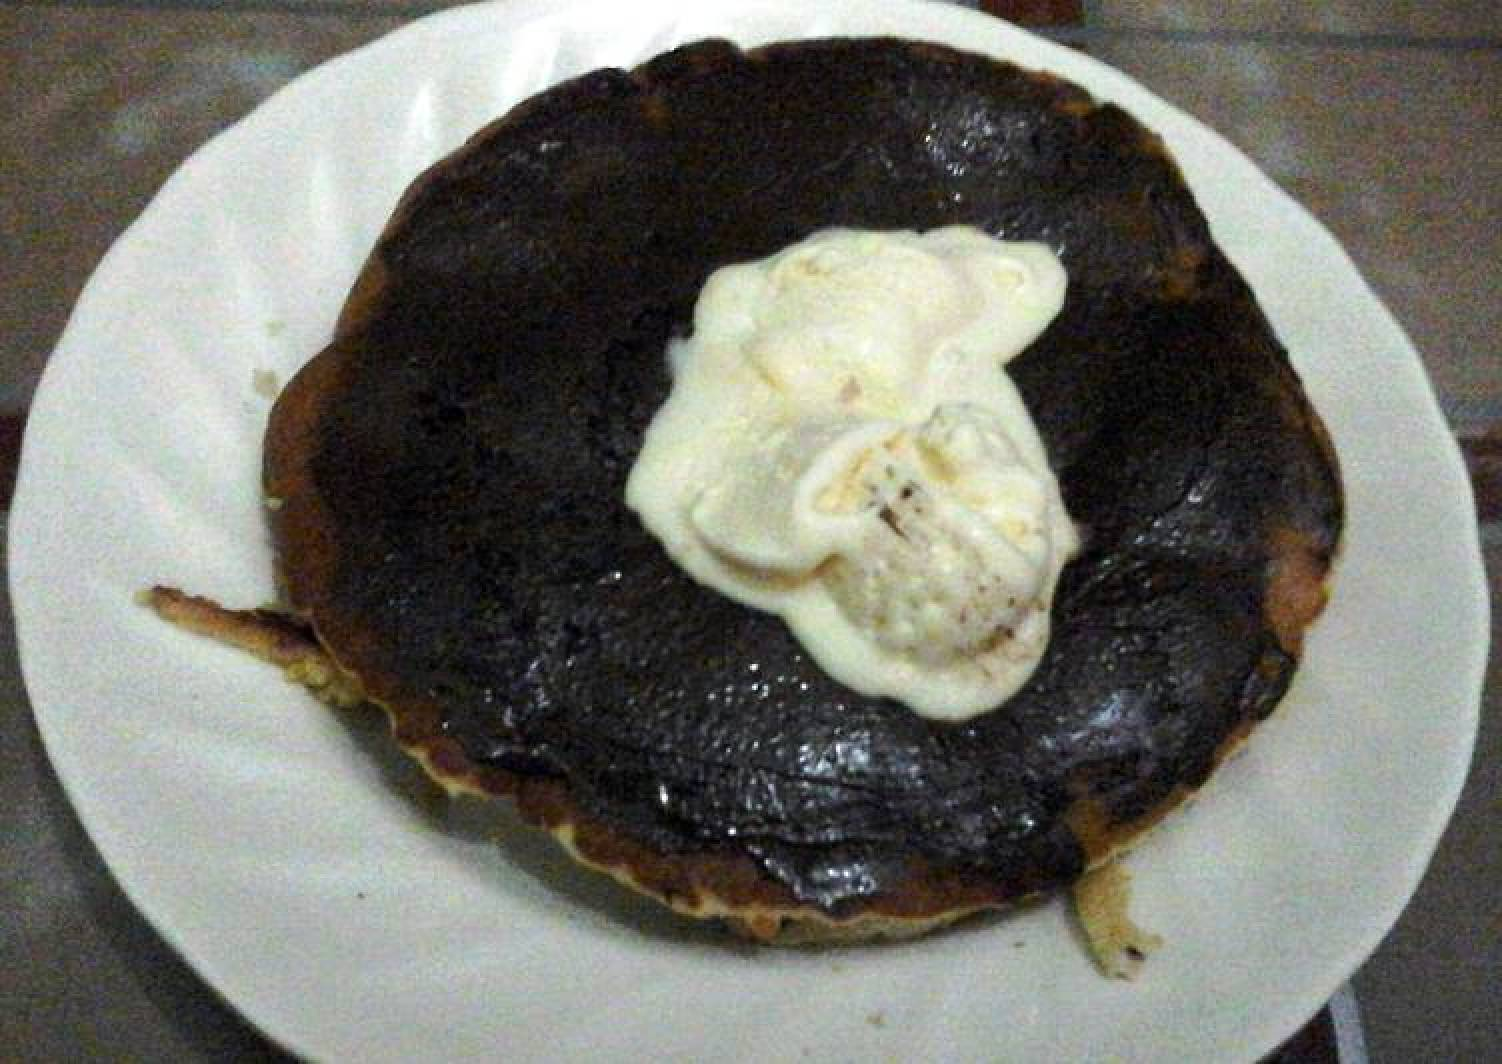 Pancake-oat delight